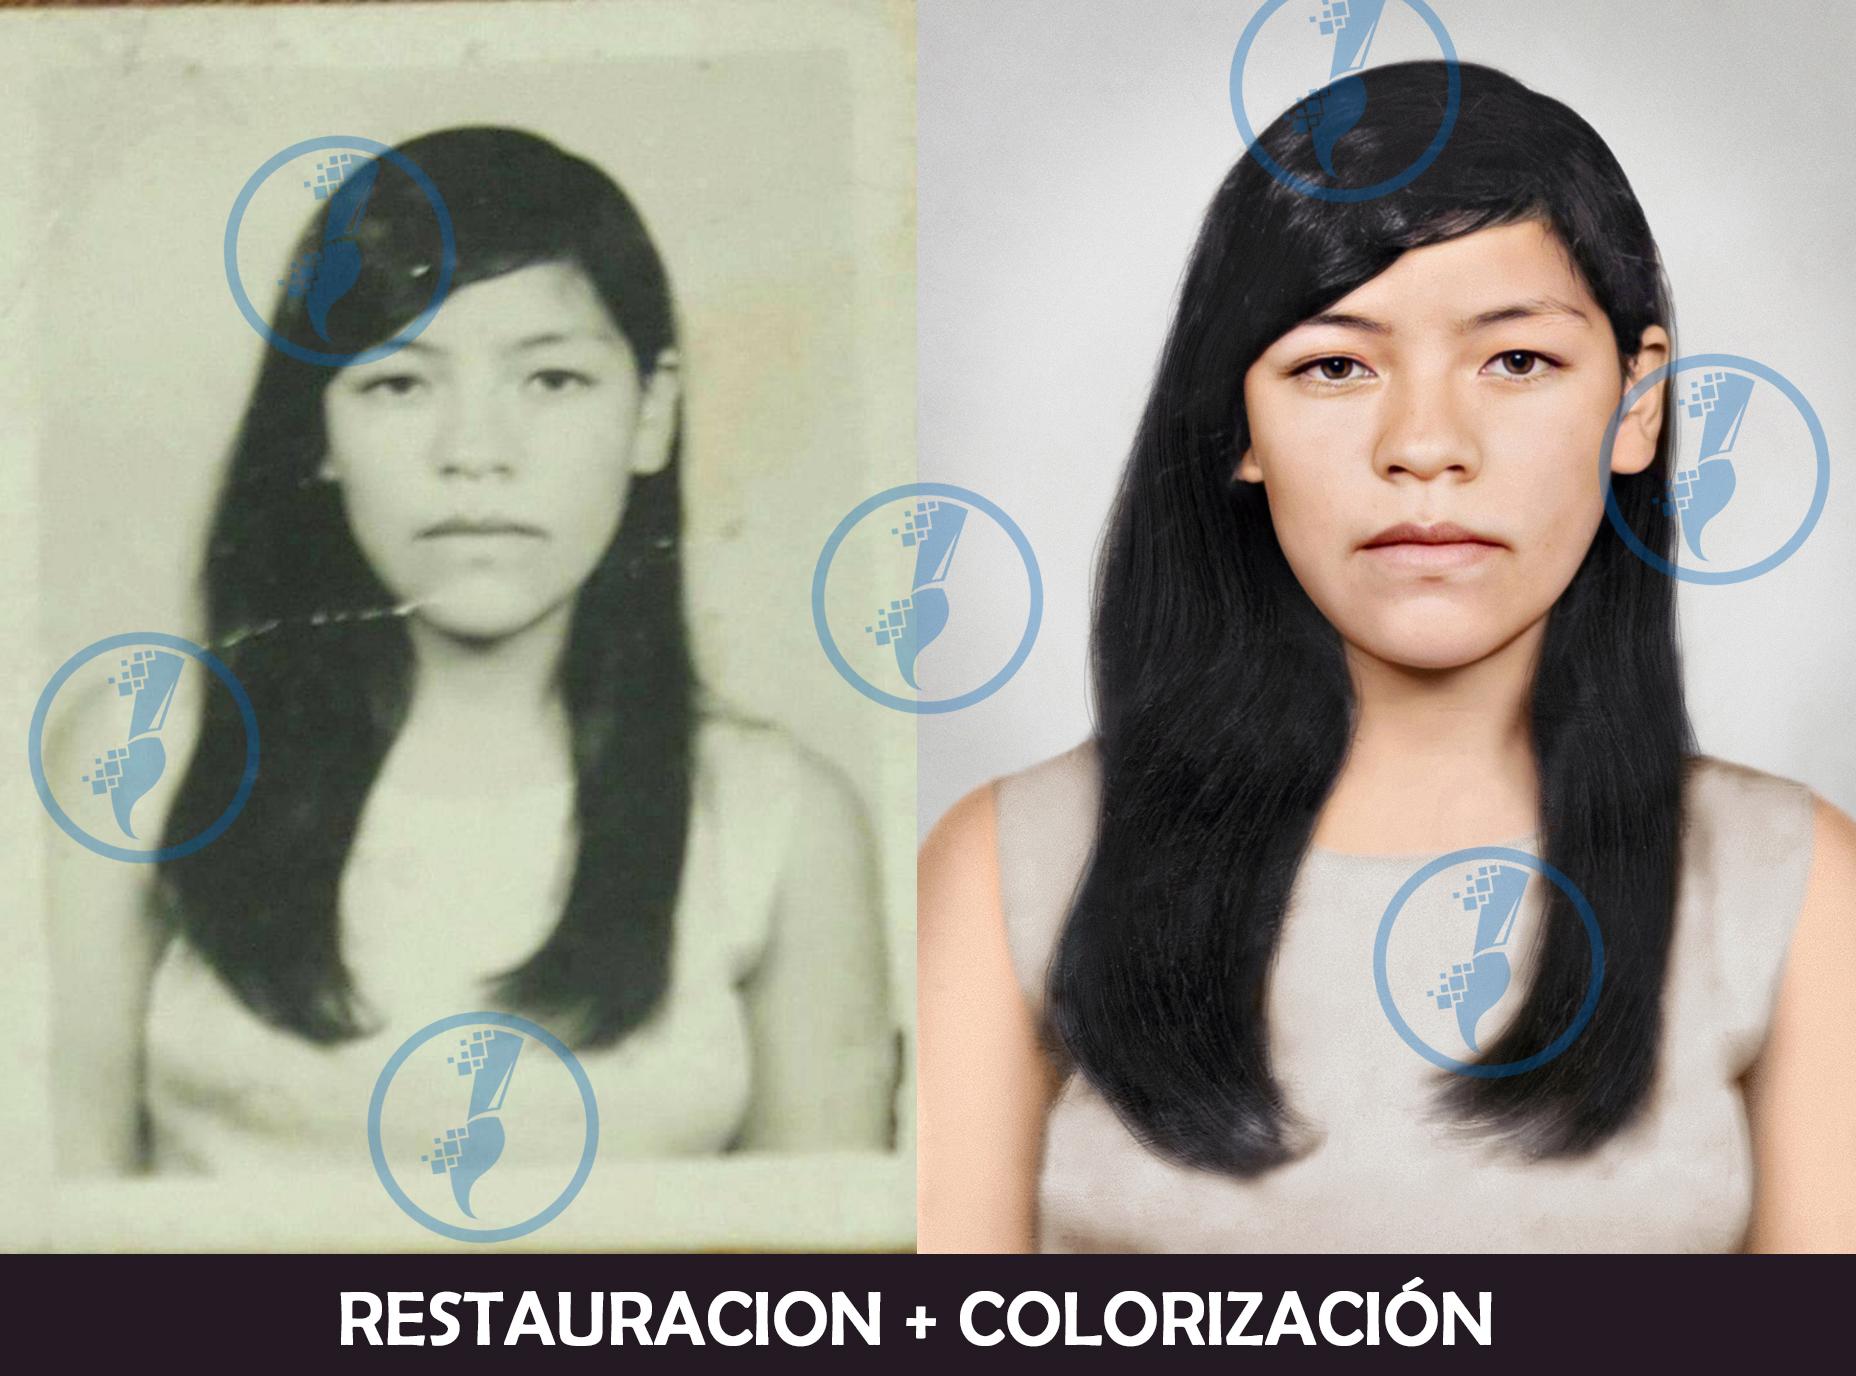 Restauración de fotos, retoque y colorización.